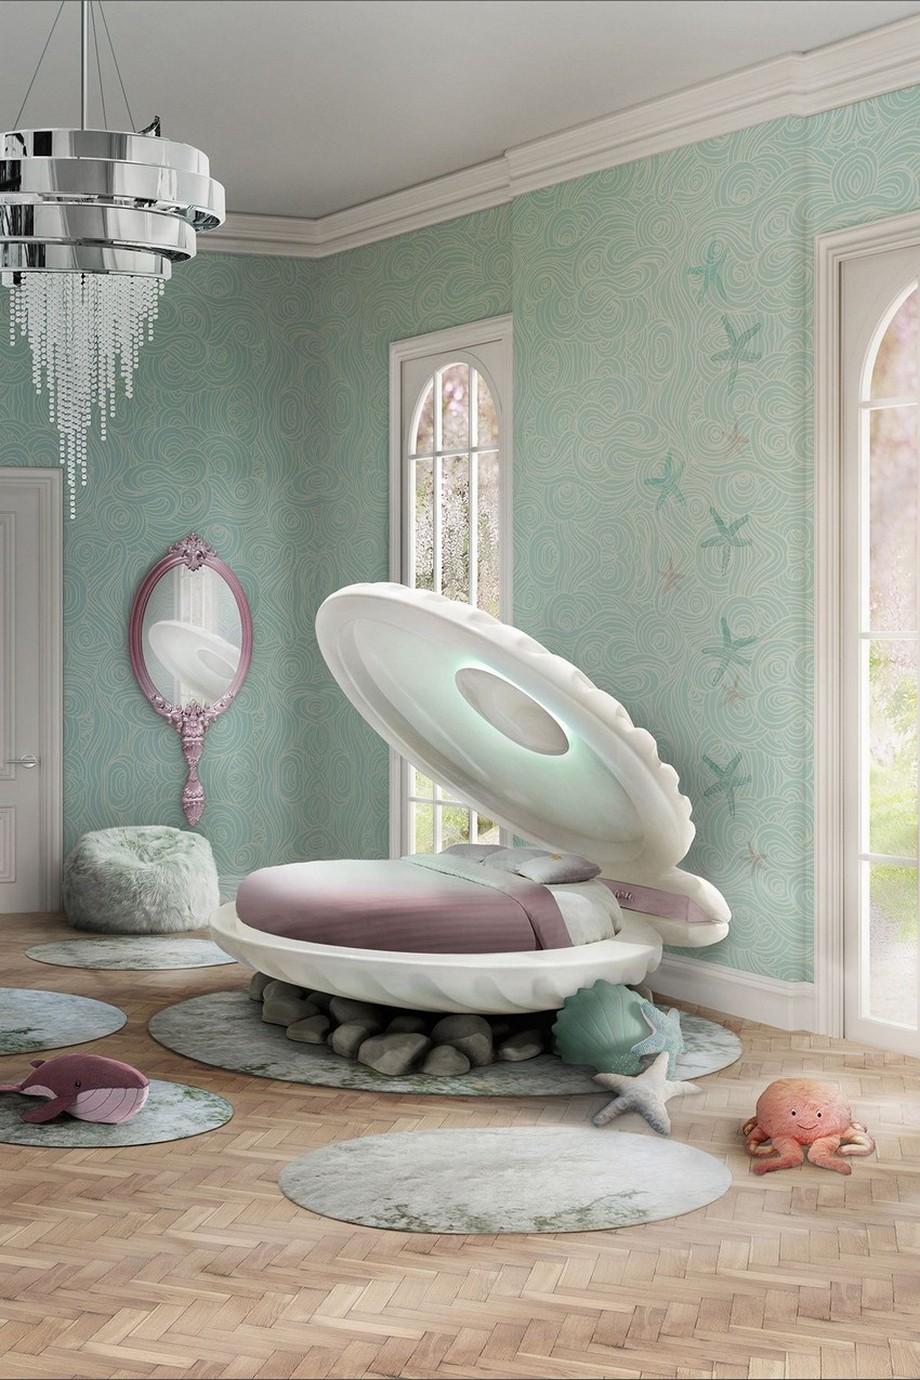 Ideas de lujo: Decoración de dormitorio para tús proyectos ideas de lujo Ideas de lujo: Decoración de dormitorio para tús proyectos 4 10